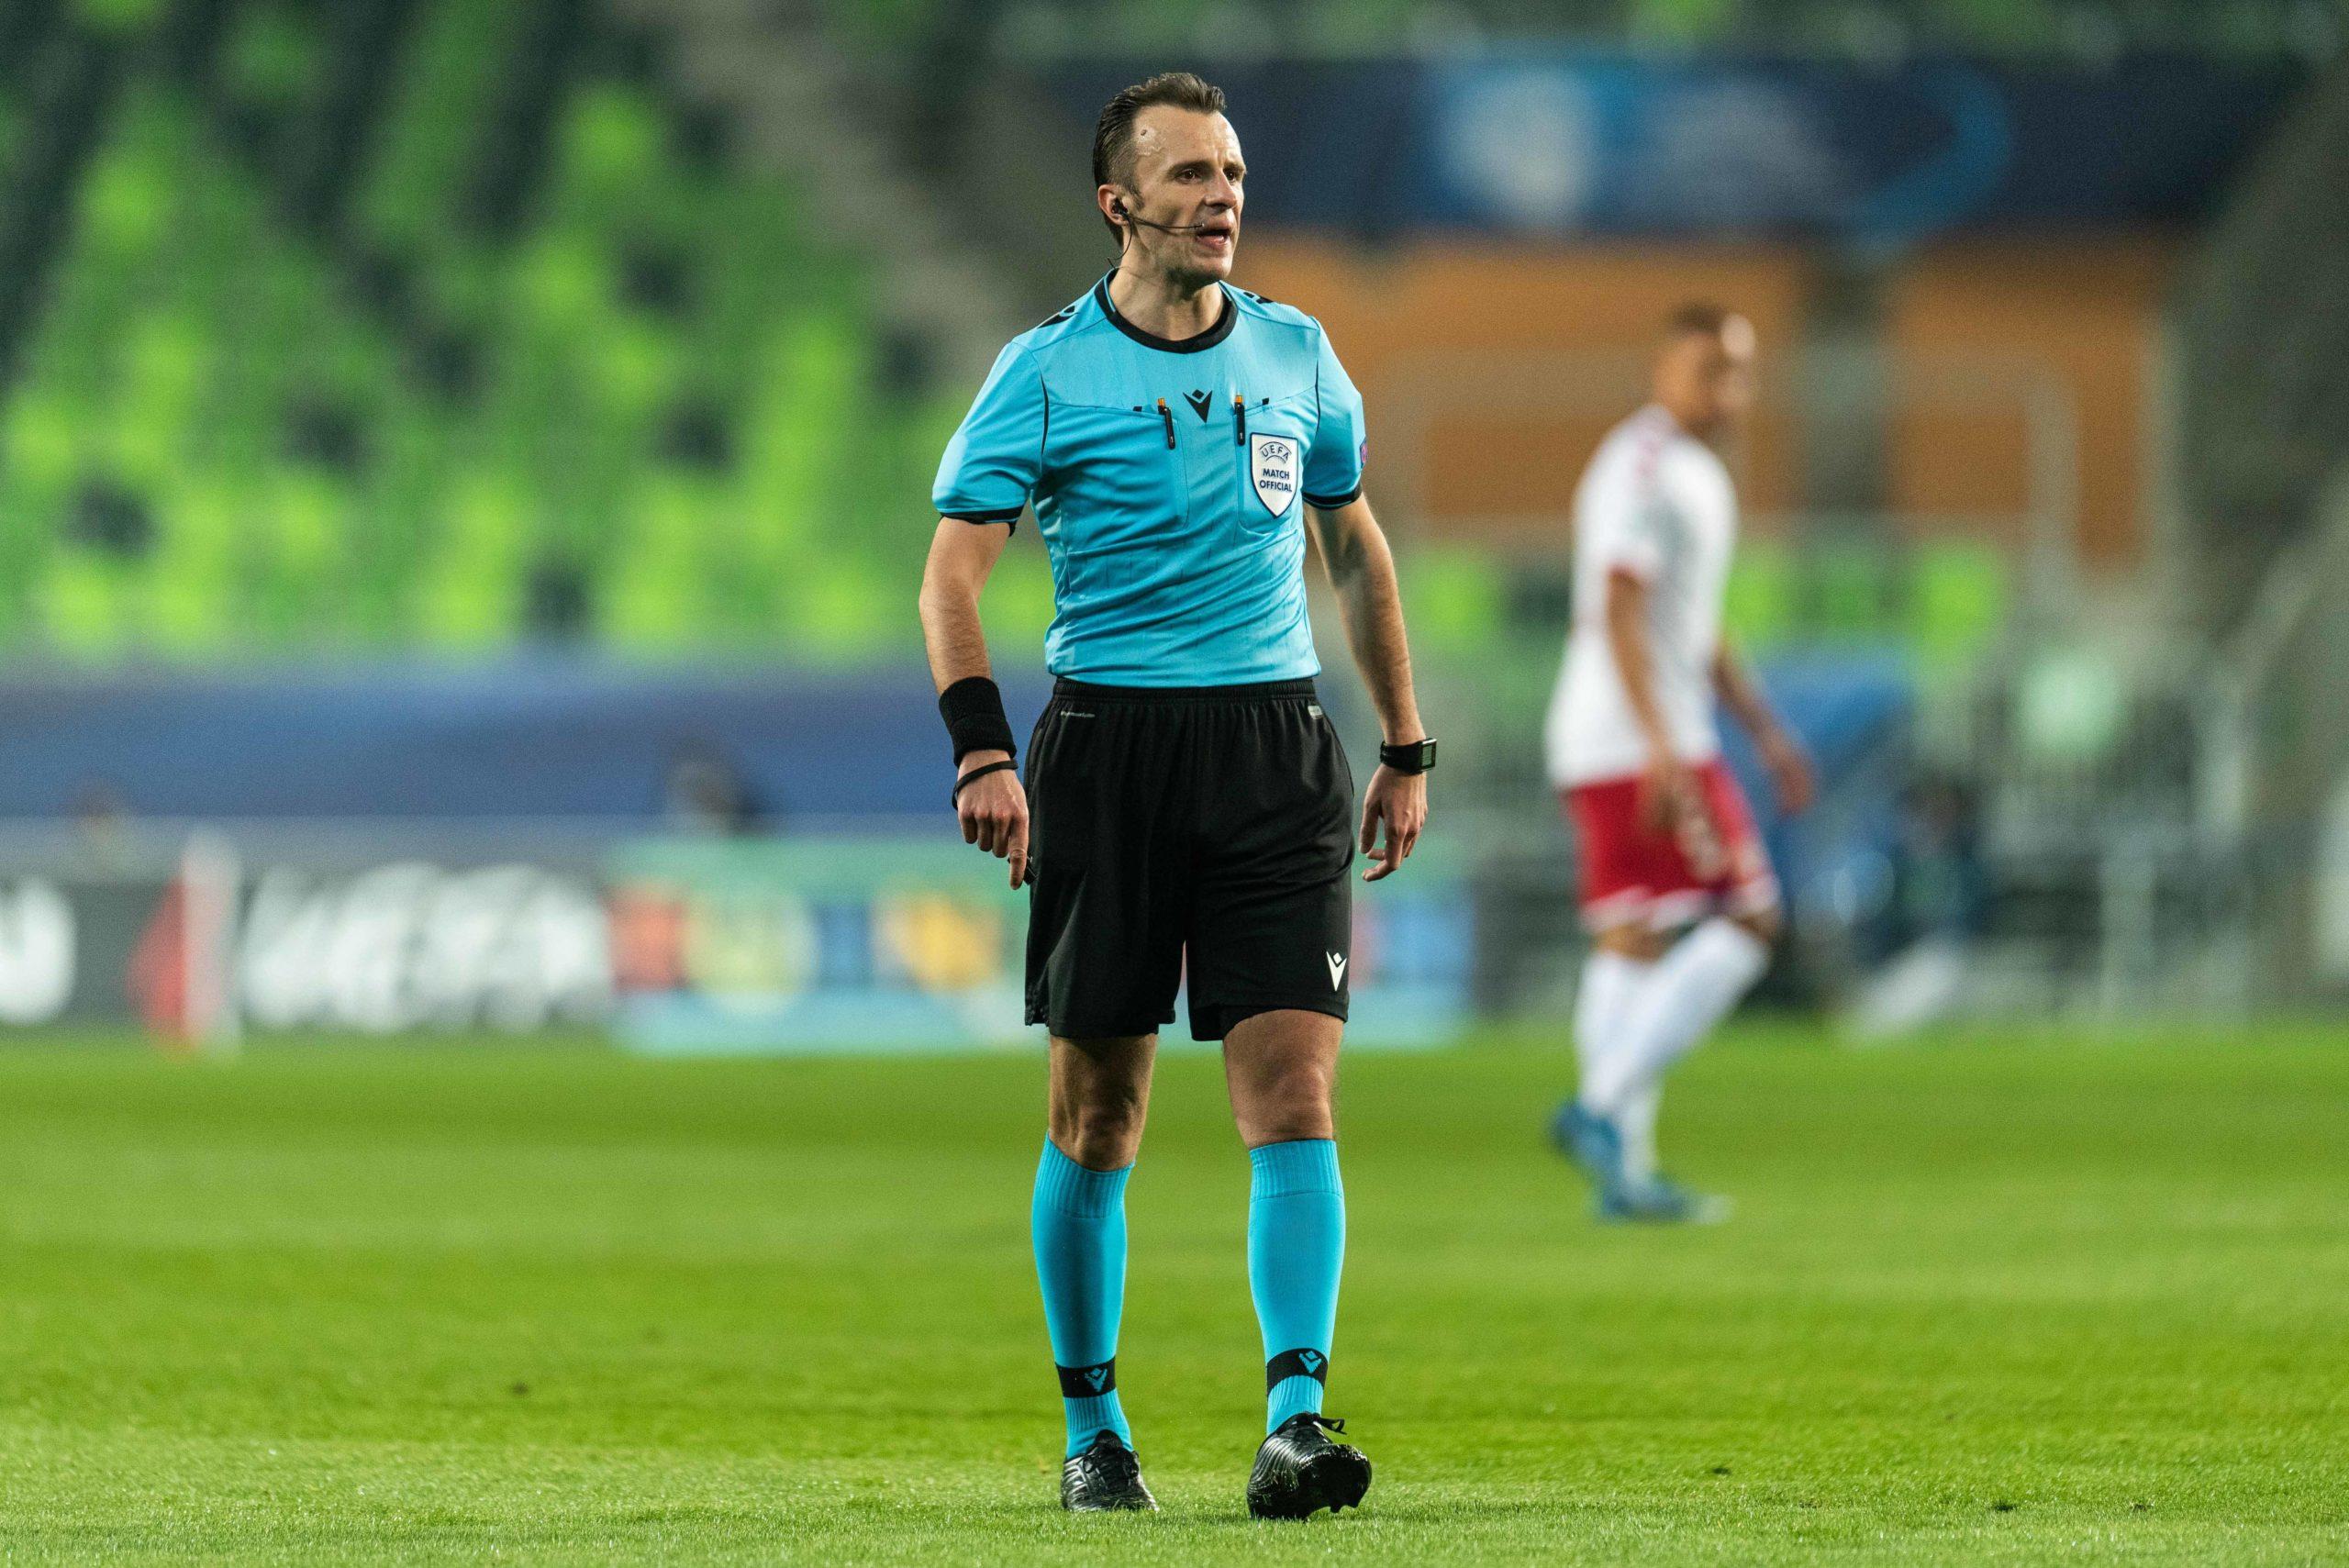 Lokomotiv Moscou/OM - L'arbitre de la rencontre dévoilé